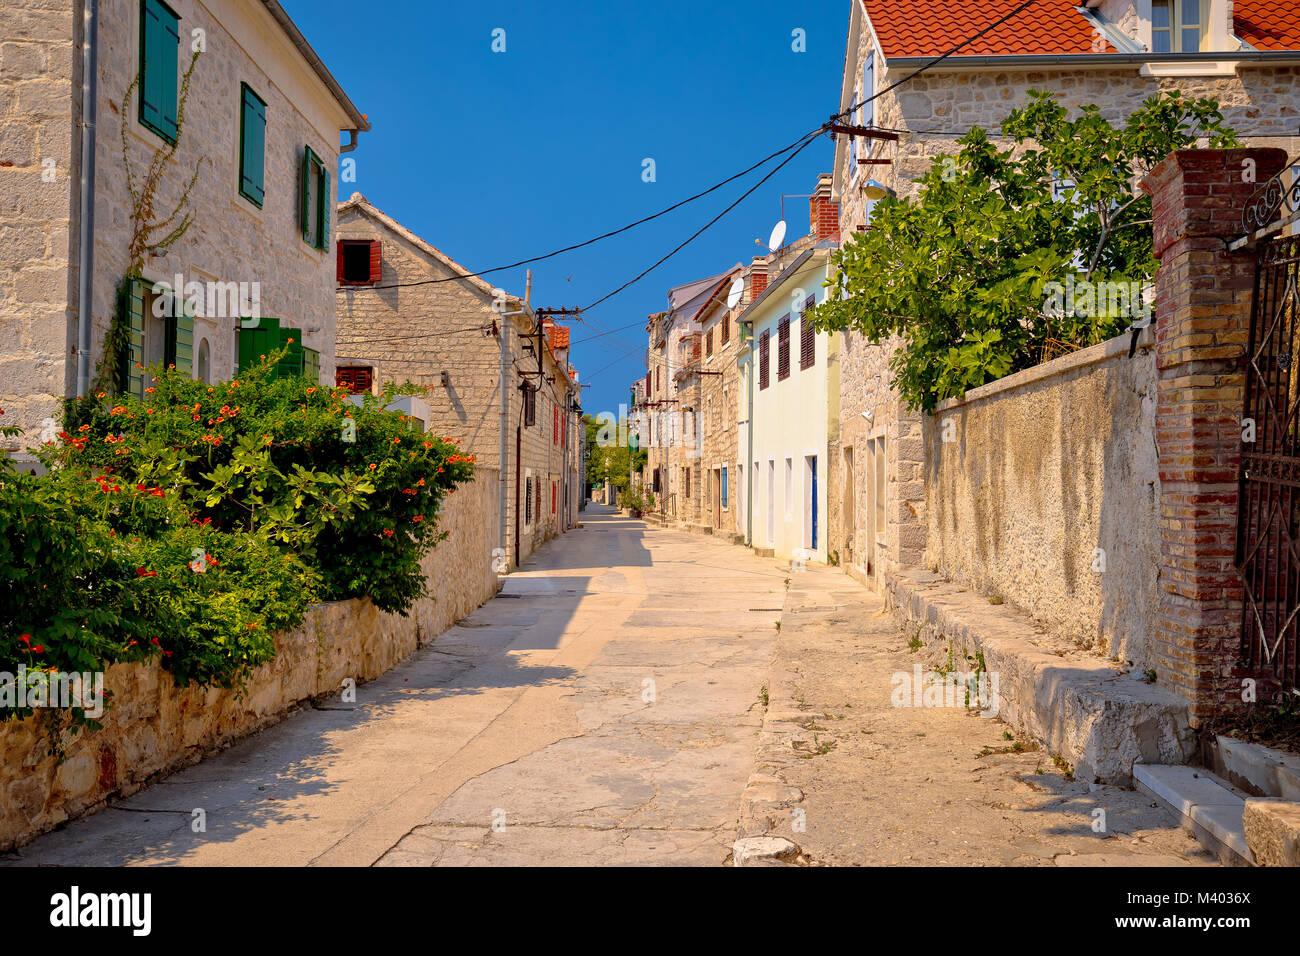 Prvic Luka méditerranéens colorés Street View, l'archipel de la dalmatie Sibenik, Croatie Photo Stock